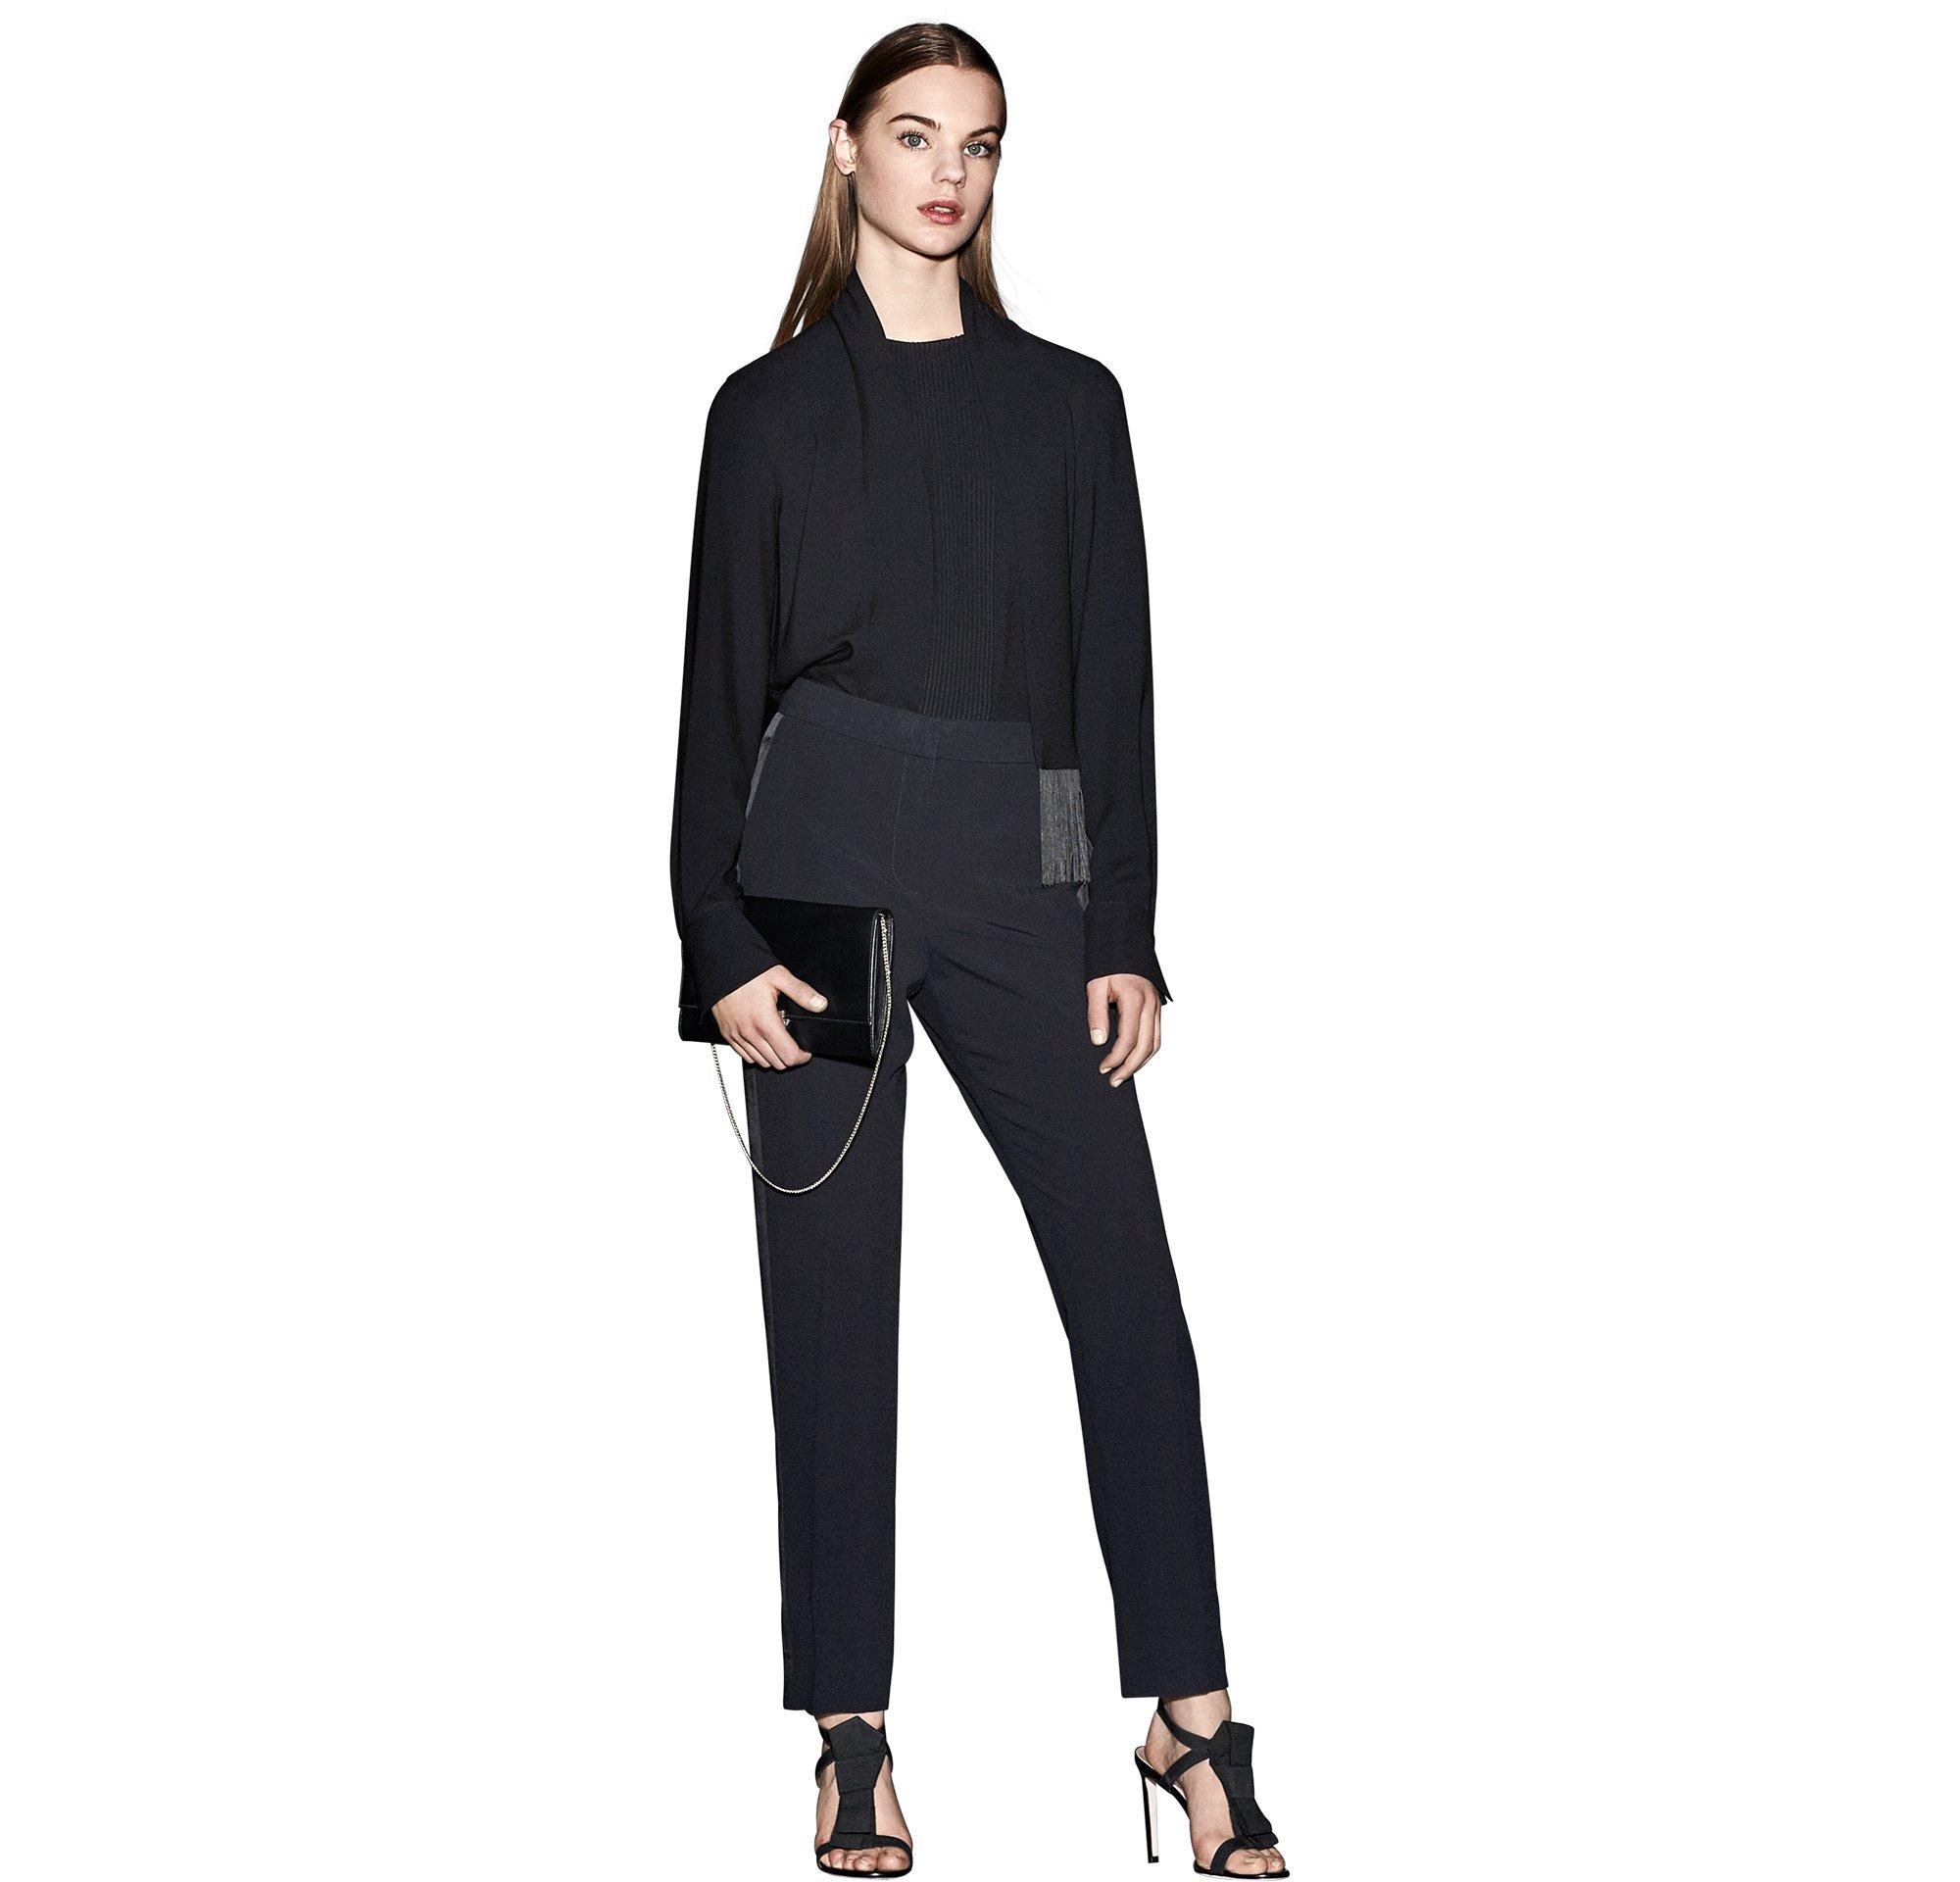 Schwarze Bluse, schwarze Hose, schwarze Tasche und schwarze Schuhe von BOSS